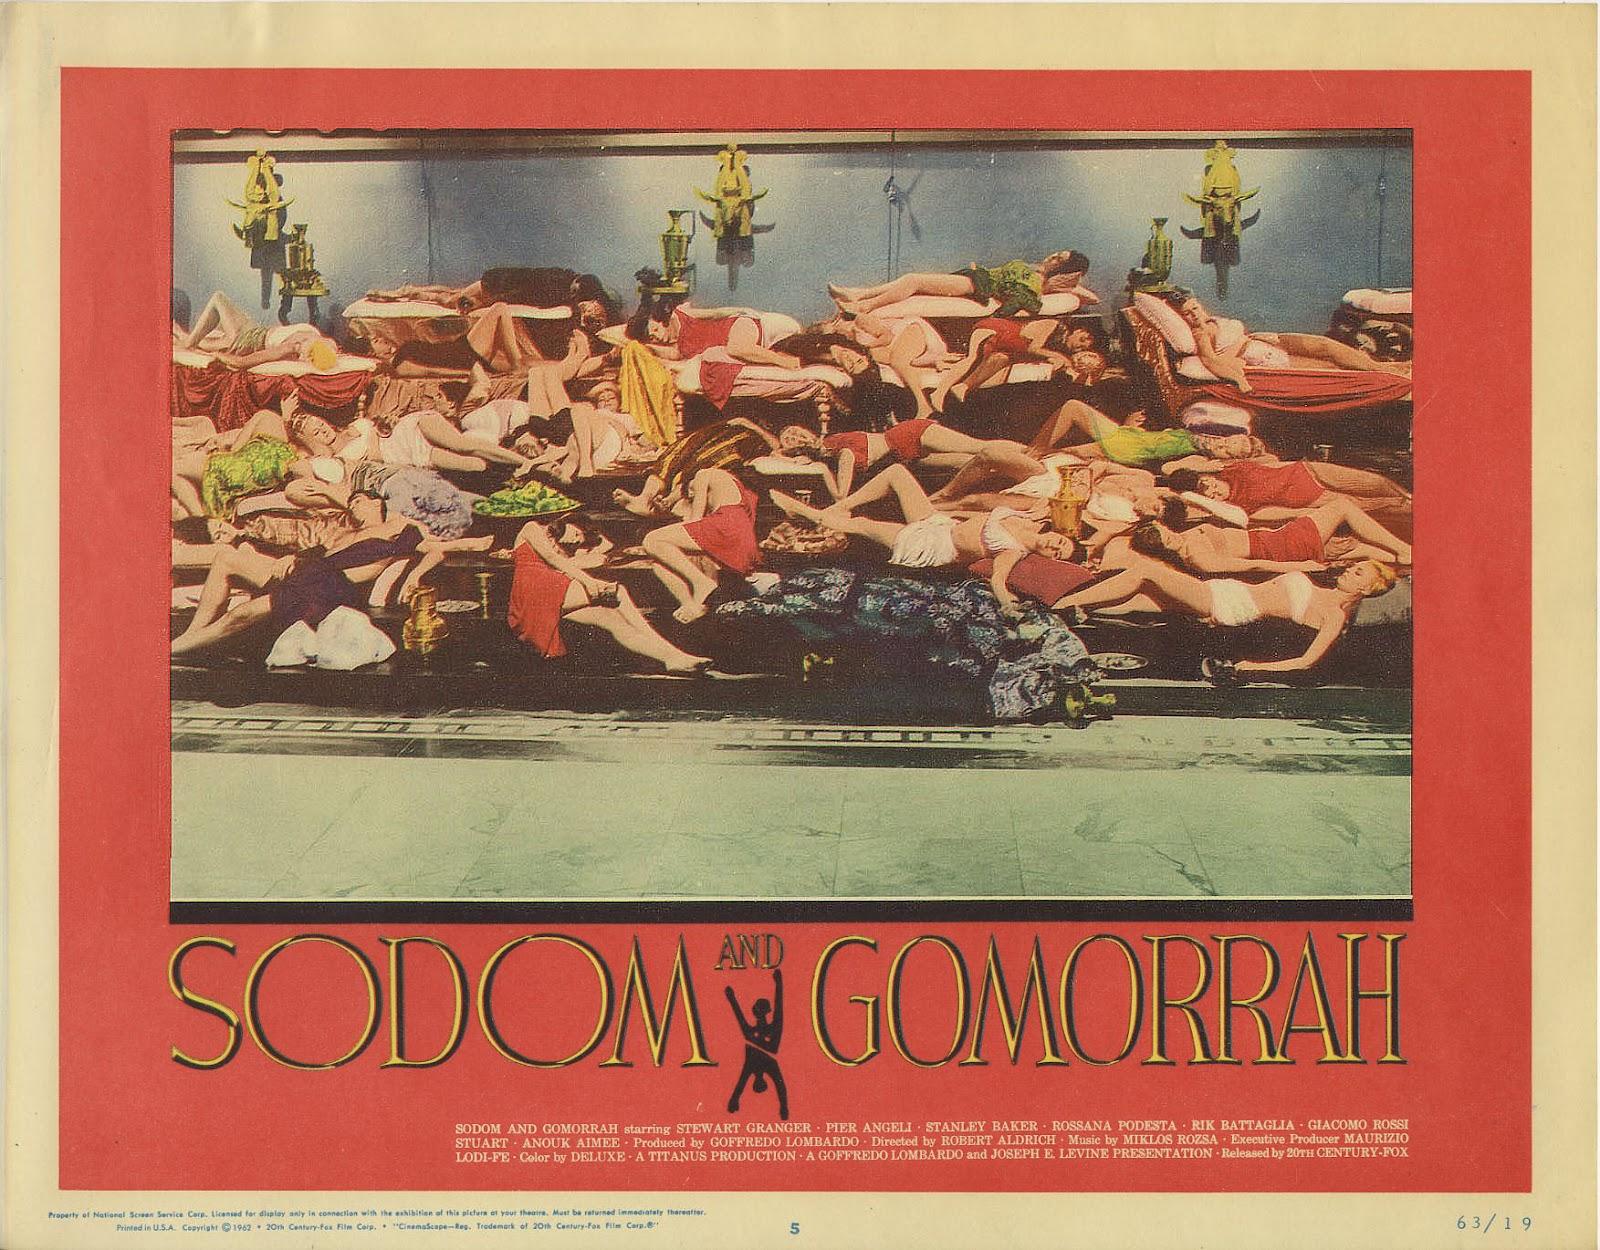 Bad Credit Credit Cards >> Zontar of Venus: Sodom and Gomorrah (1962)